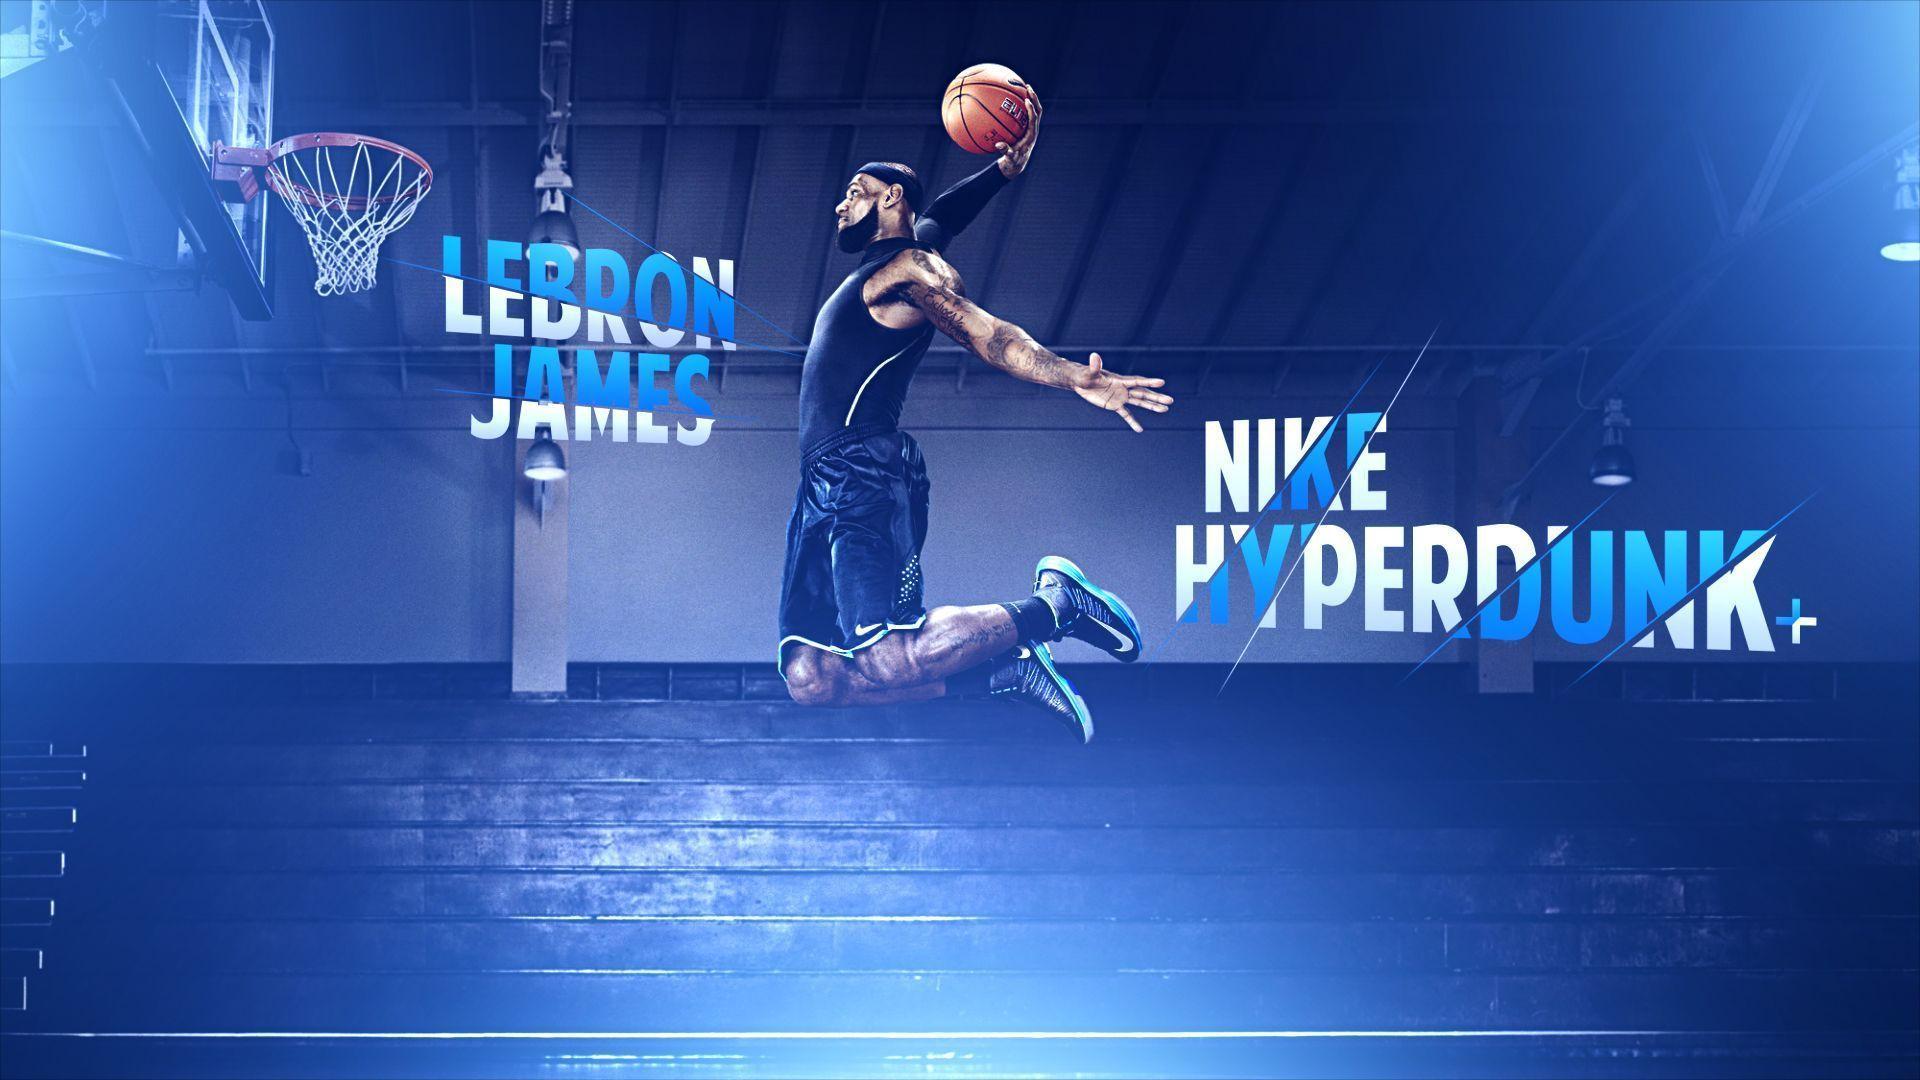 Basketball dunk wallpaper